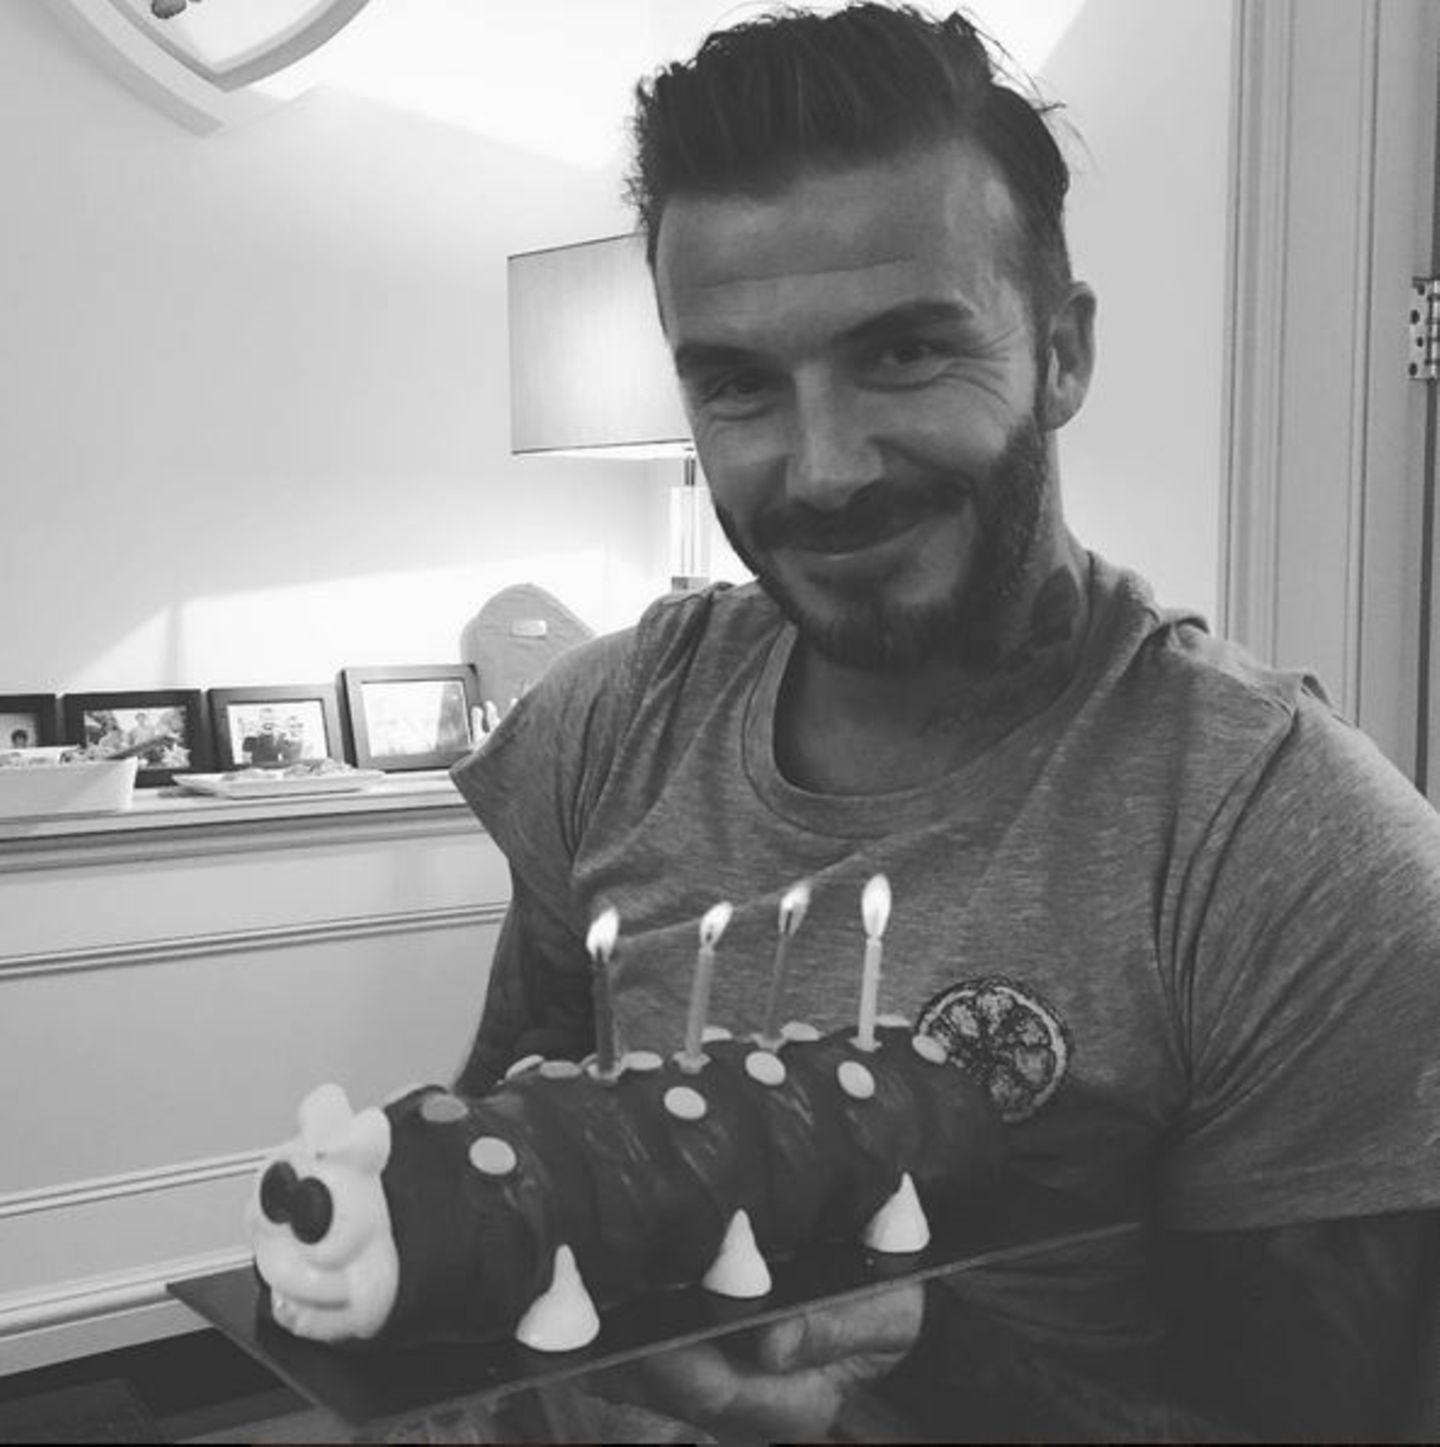 """Mit diesem Foto bedankt sich David Beckham für all die Geburtstagswünsche. Dies ist auch der Kuchen, den er von seinen Kindern zum Geburtstag überreicht bekommen hat, eine süße Raupe """"Nimmersatt""""."""